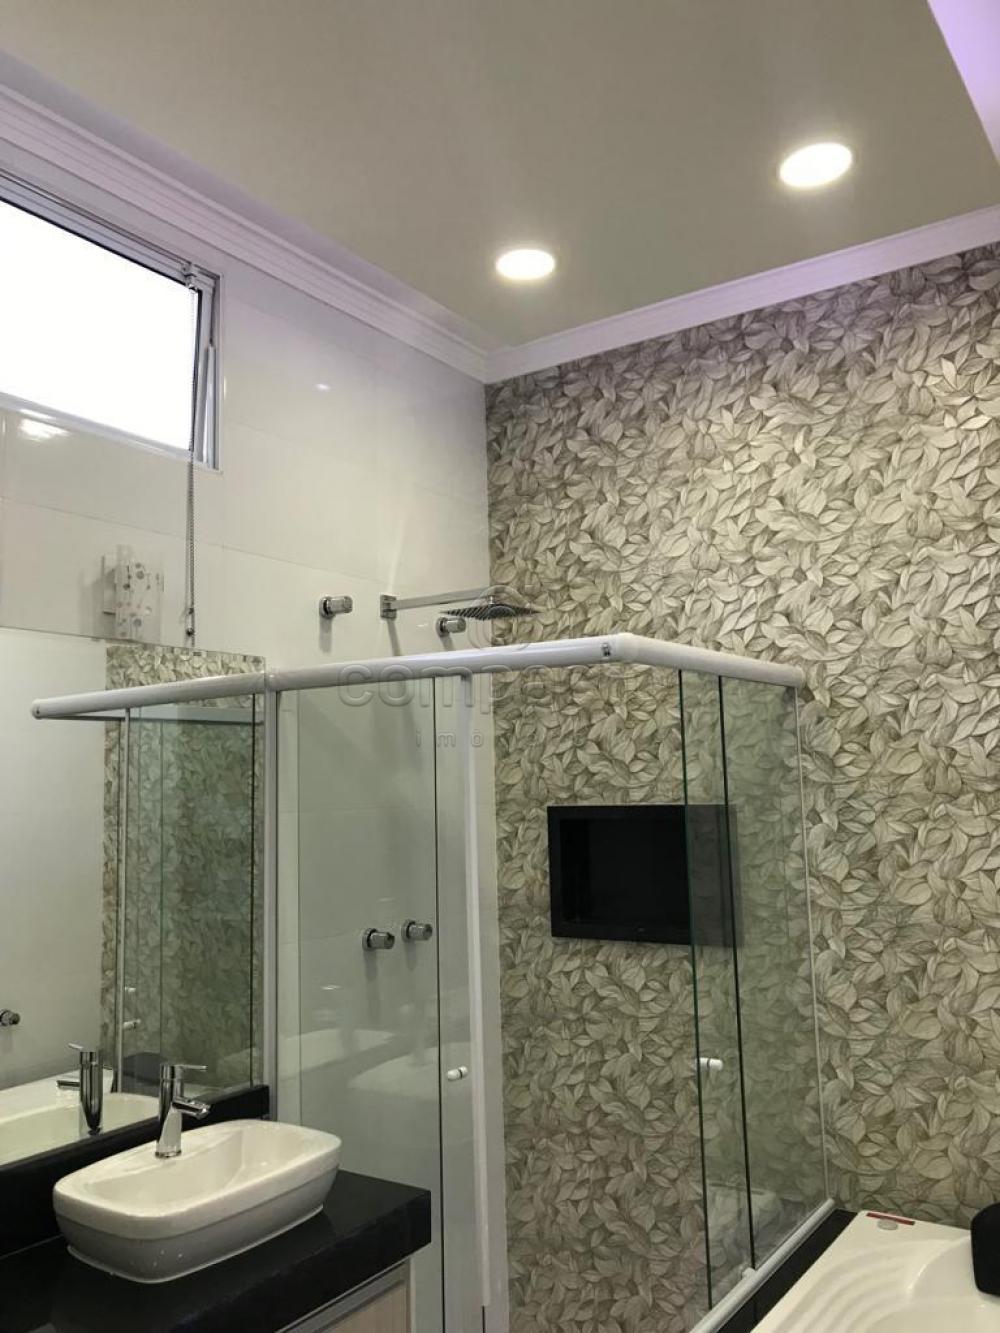 Comprar Casa / Condomínio em São José do Rio Preto apenas R$ 680.000,00 - Foto 8